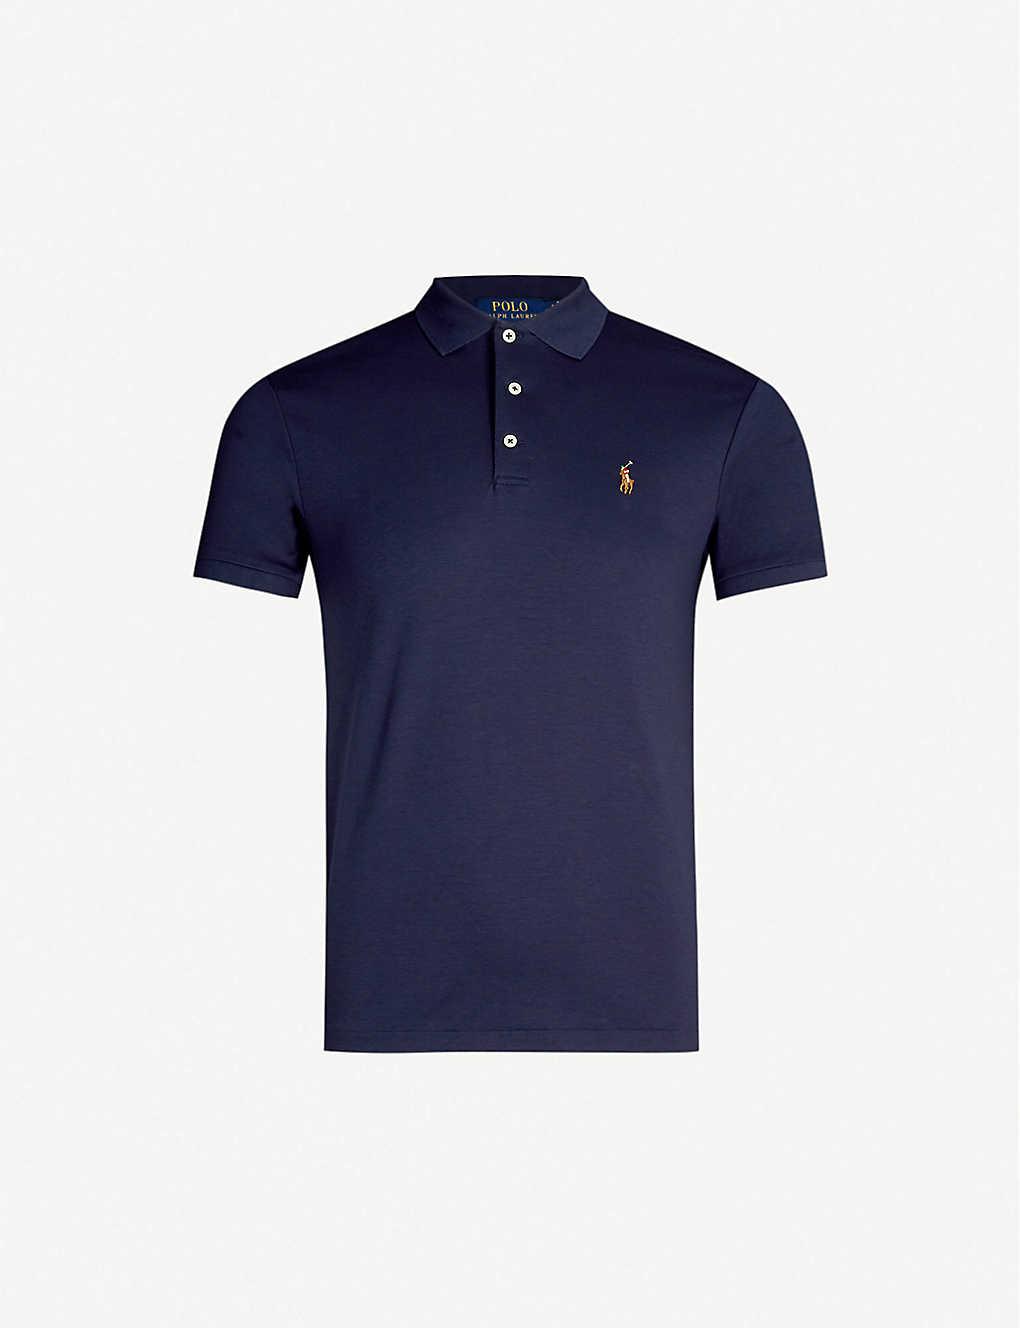 ccee3409 POLO RALPH LAUREN - Pima Soft Touch cotton polo shirt   Selfridges.com